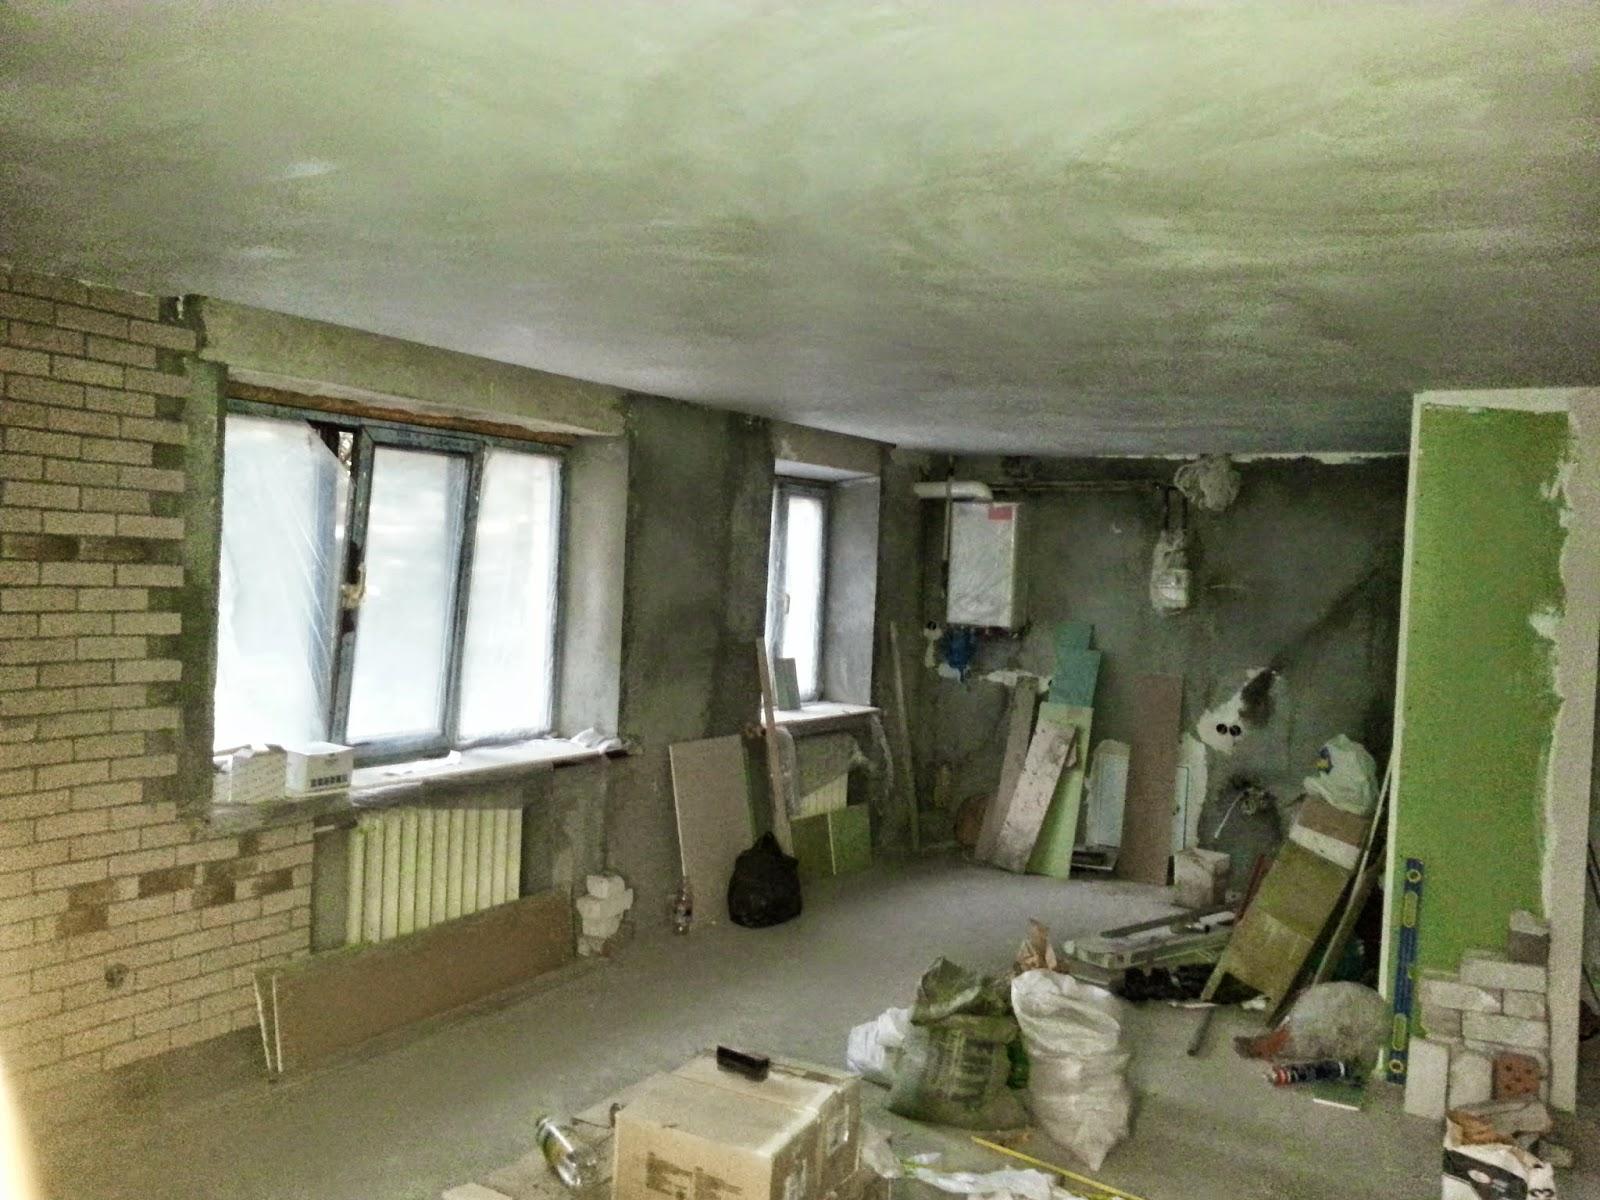 Продается квартира по ул. Калиниченко 2/5 эт. дома в Кривом Роге